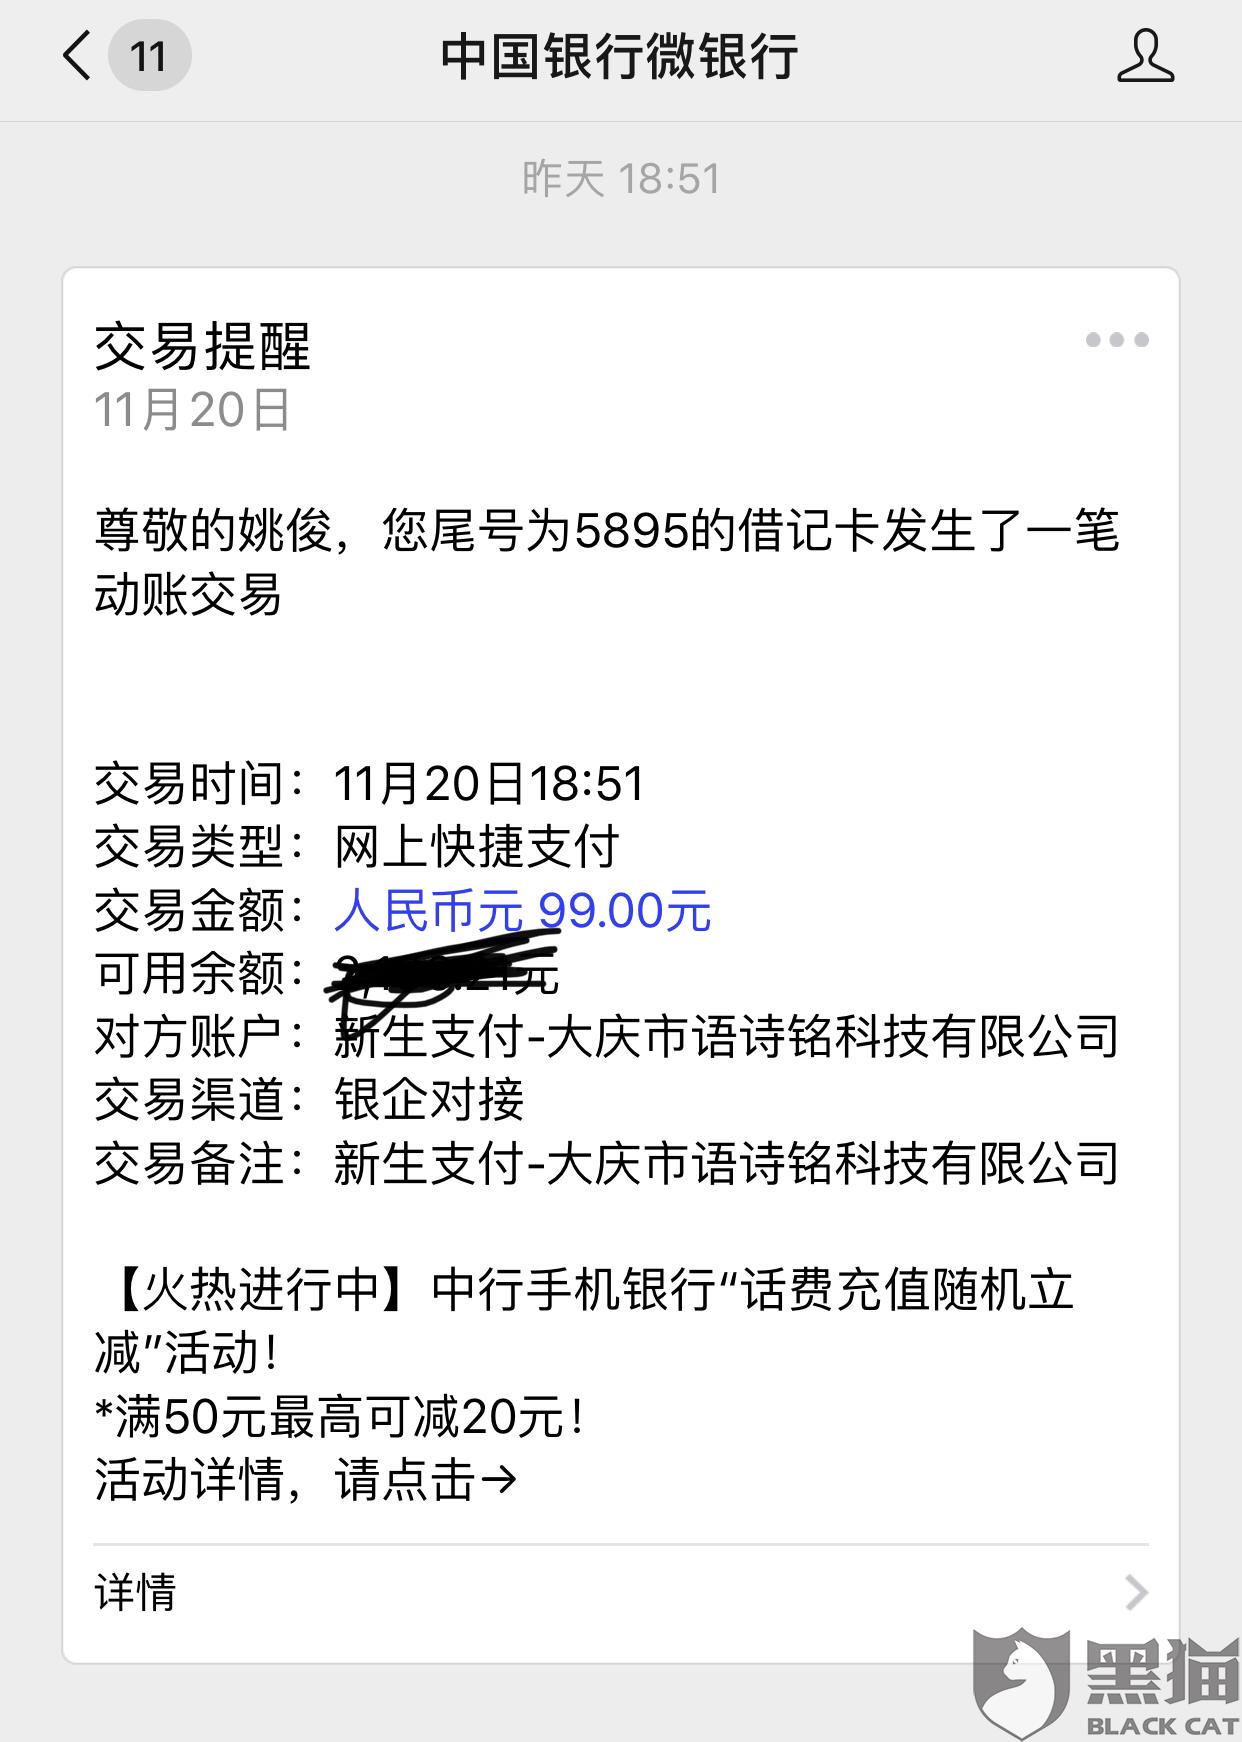 黑猫投诉:大庆市语诗铭科技有限公司未经允许扣费本人银行卡198元